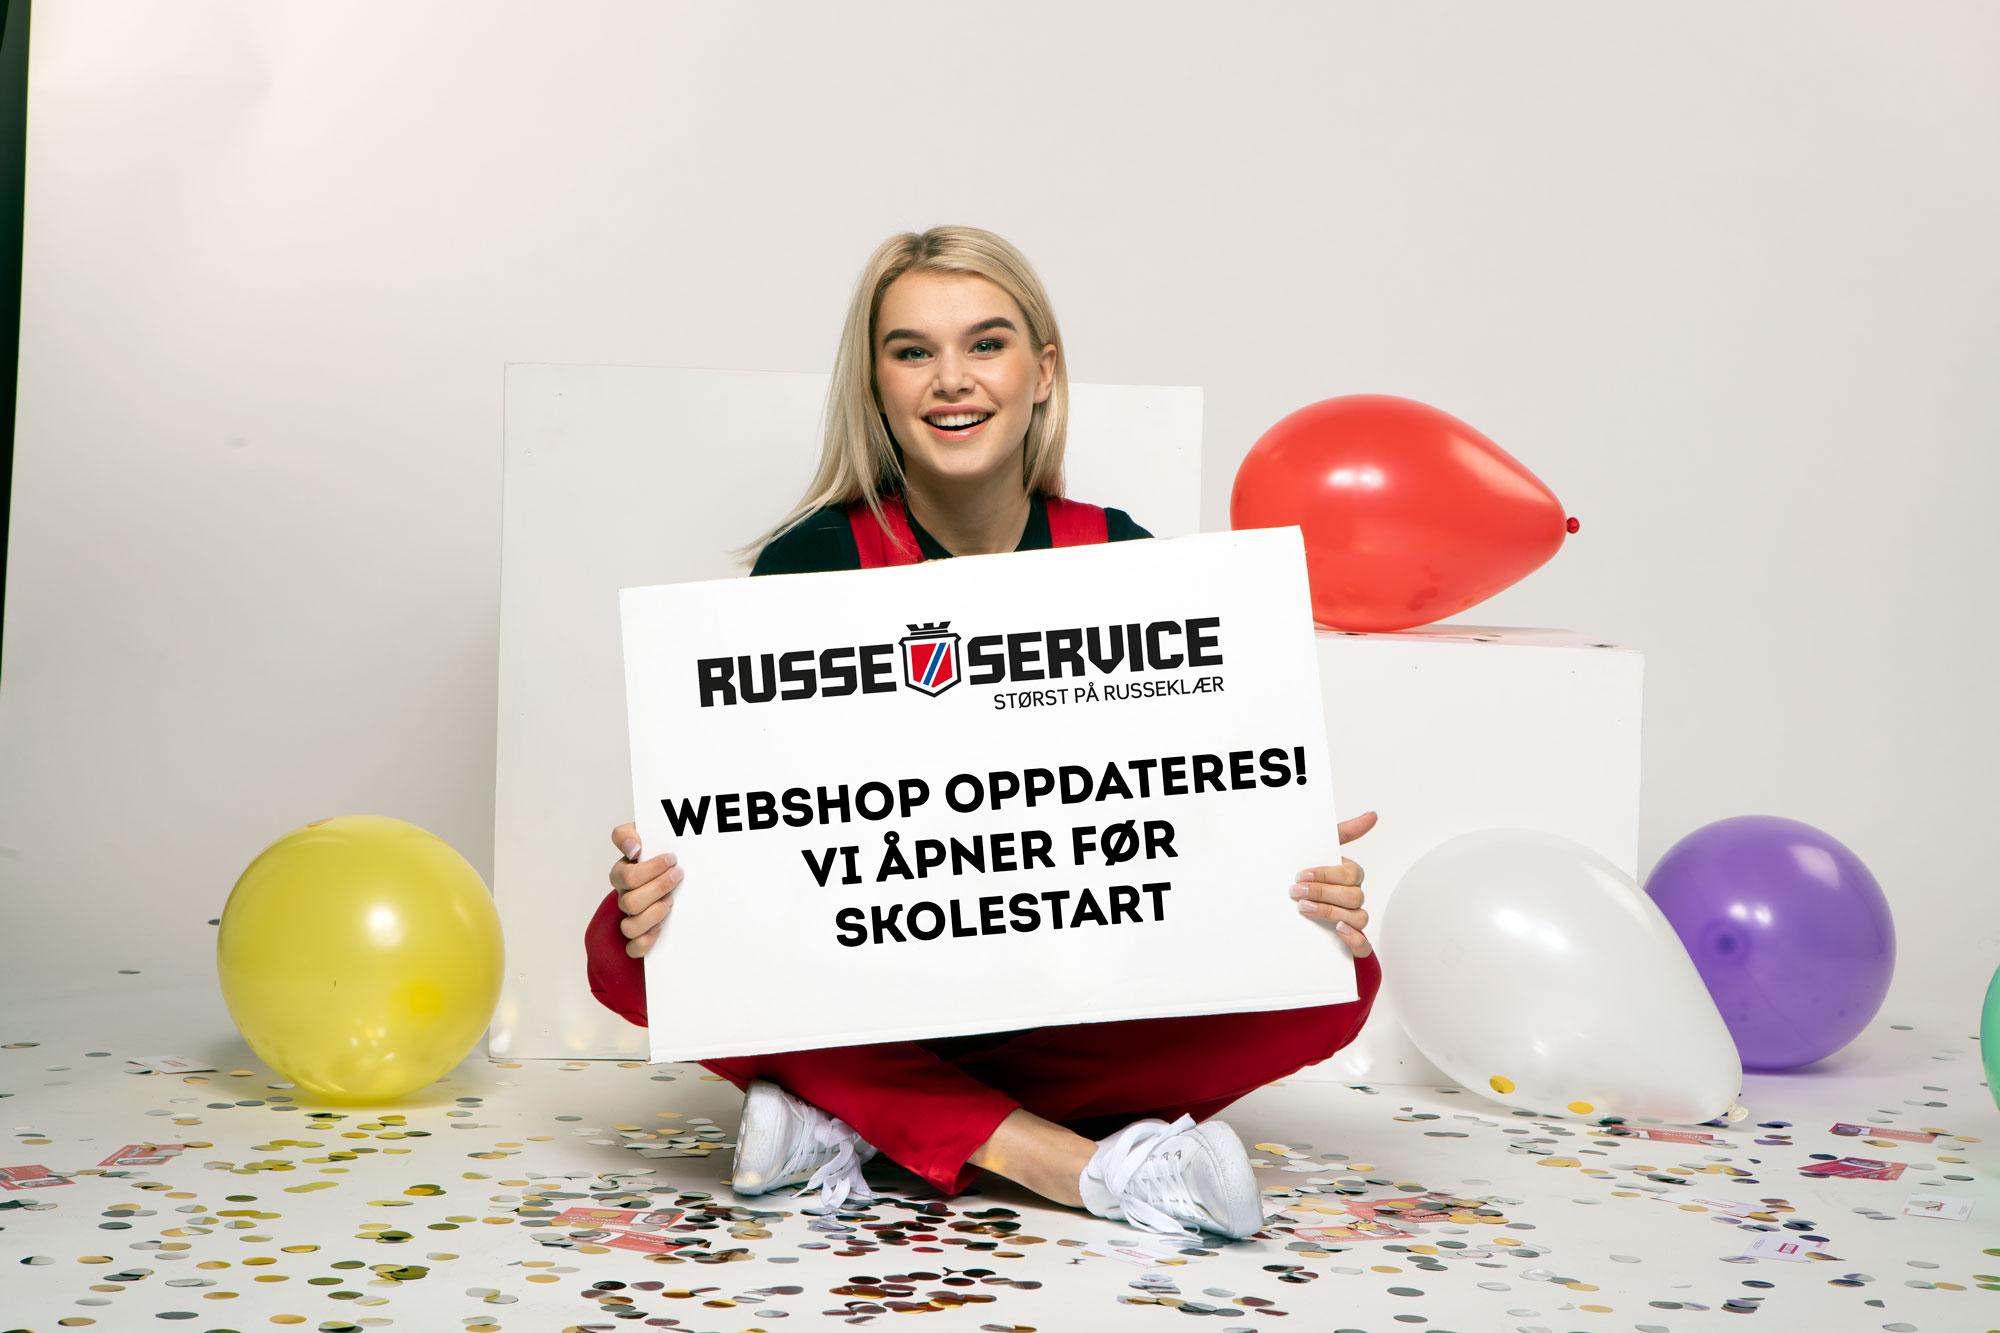 Russeservice. Webshop oppdateres! Vi åpner før skolestart.